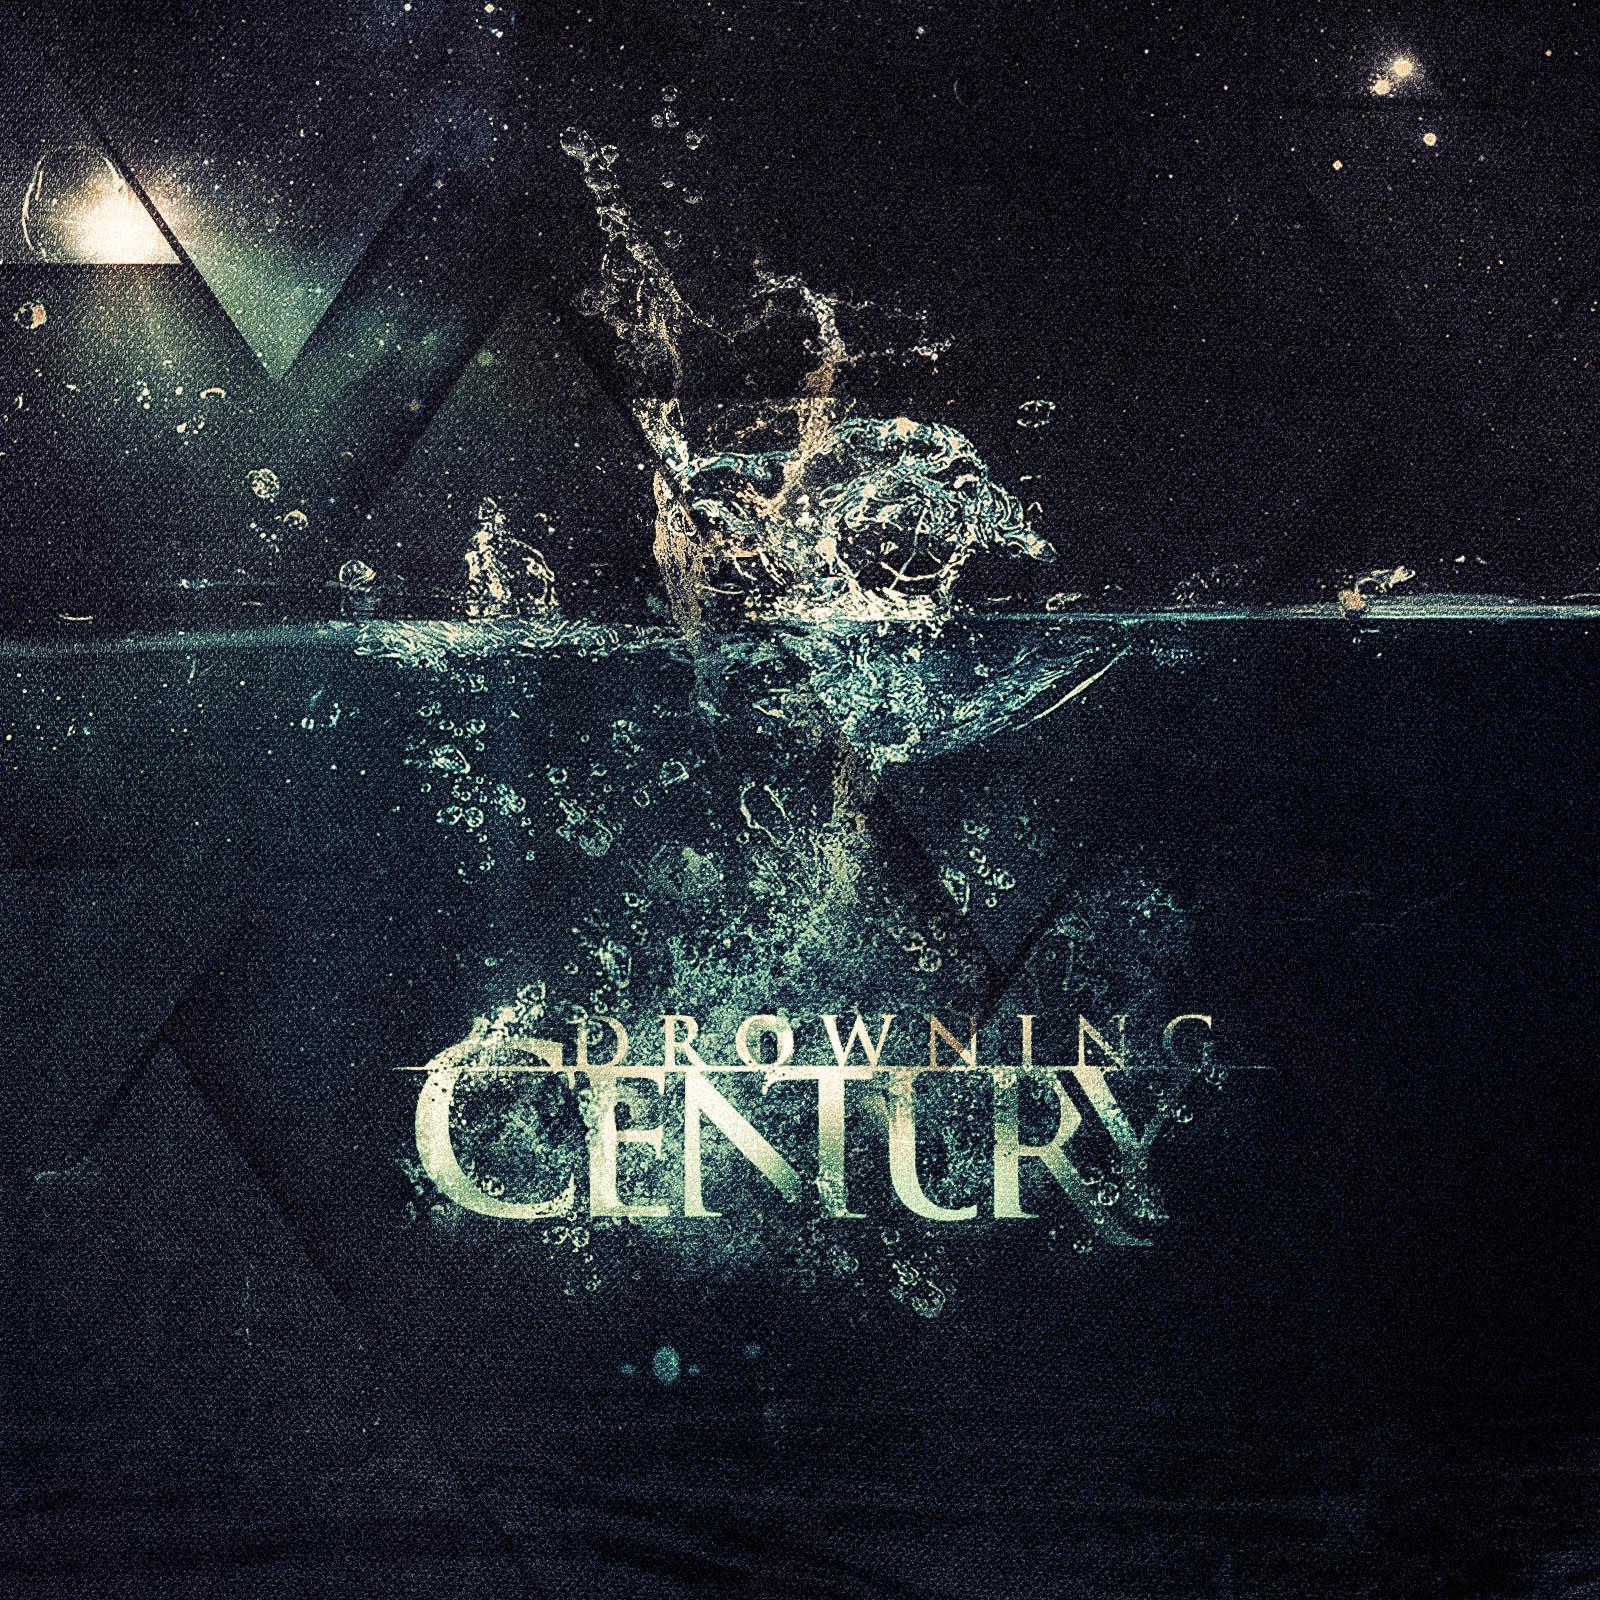 Drowning Century